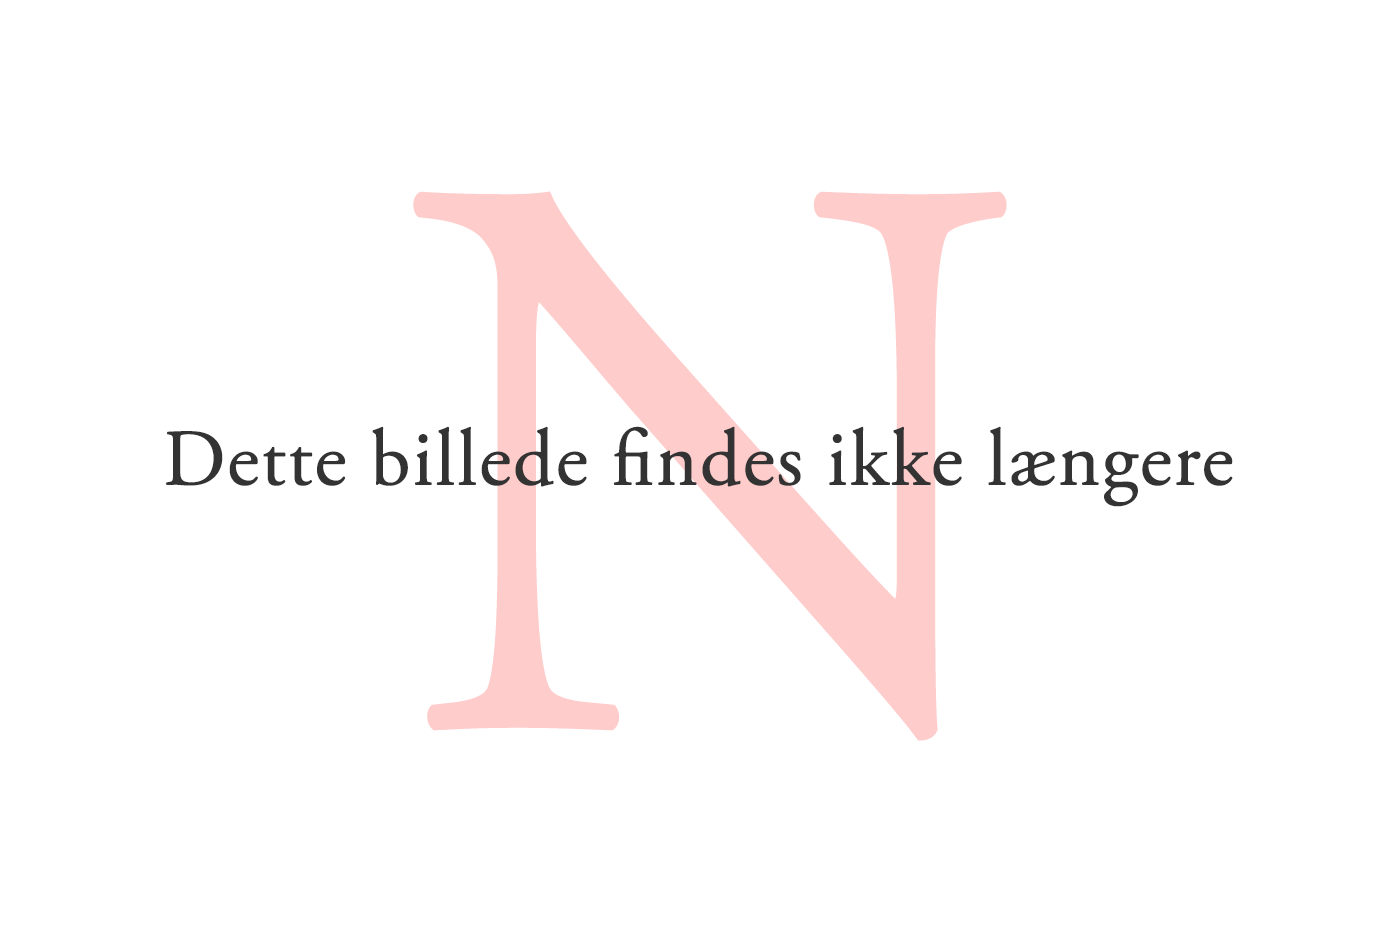 De danske børn skal mødes af både mandlige og kvindelige pædagoger, som de kan spejle sig i. Det handler ikke om perleplader og træværksted, mener pædagoger og forsker.